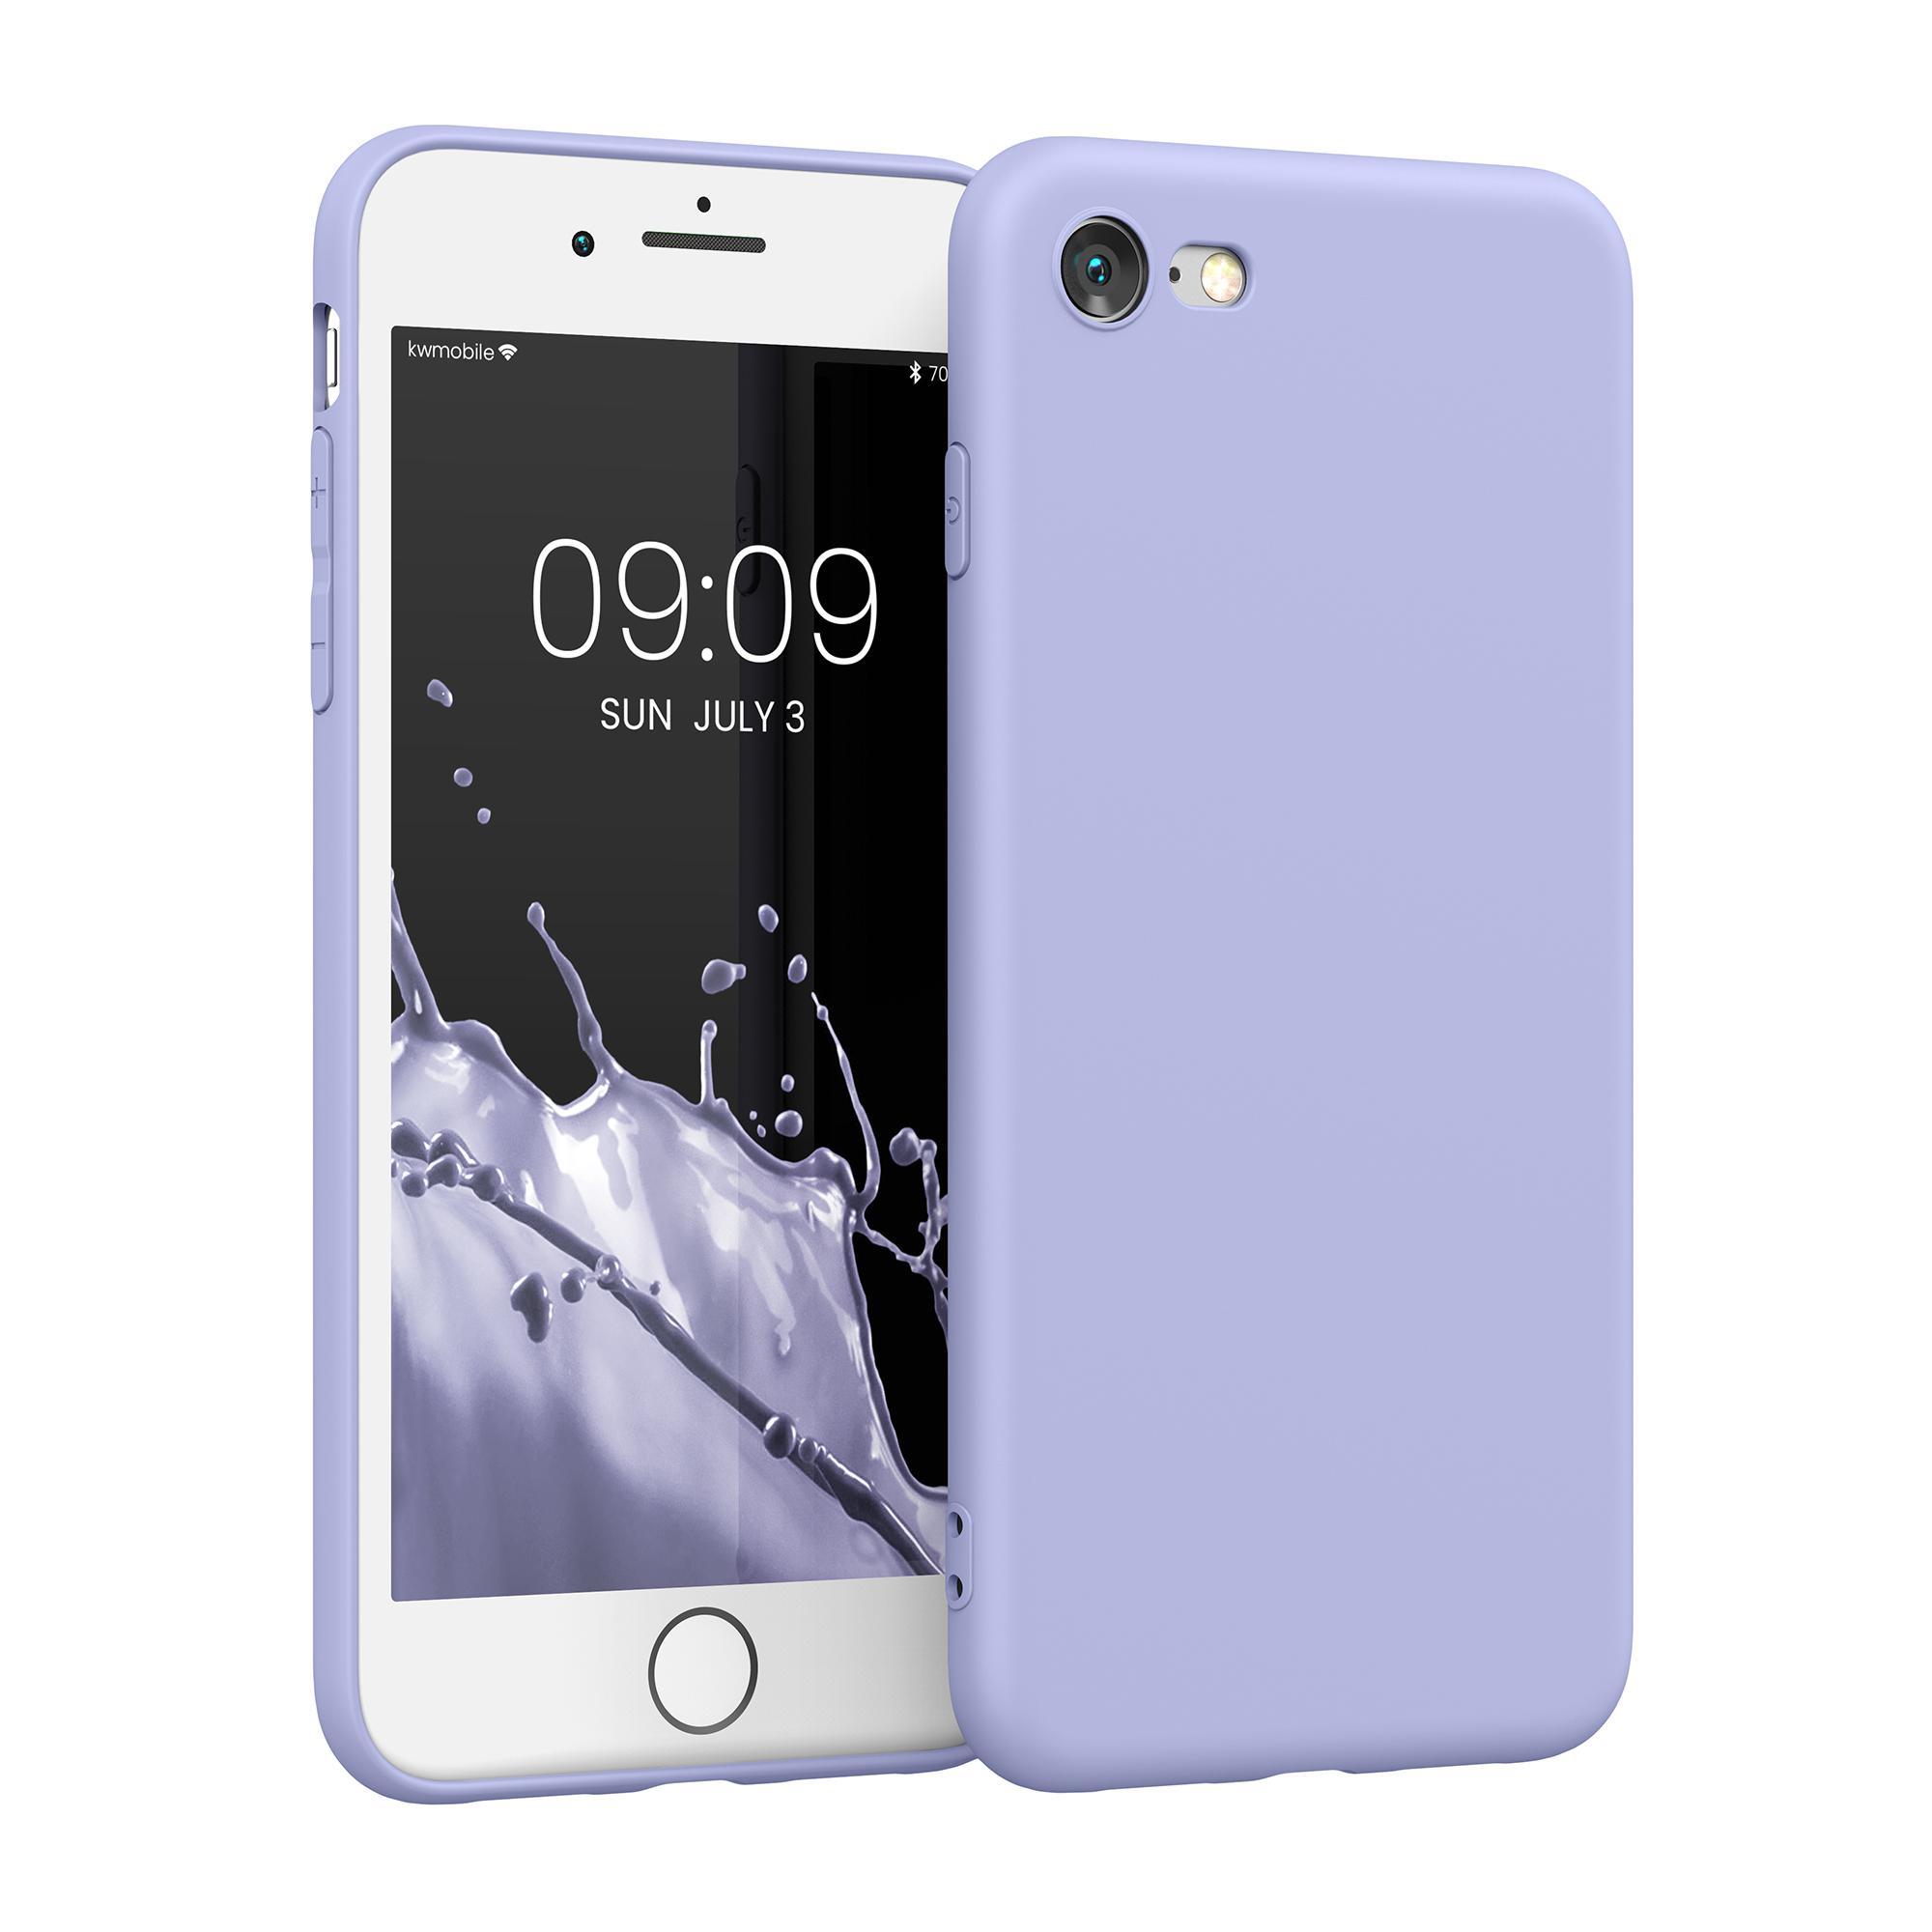 Kvalitní silikonové TPU pouzdro pro Apple iPhone 7 / 8 / SE  - Light Lavender